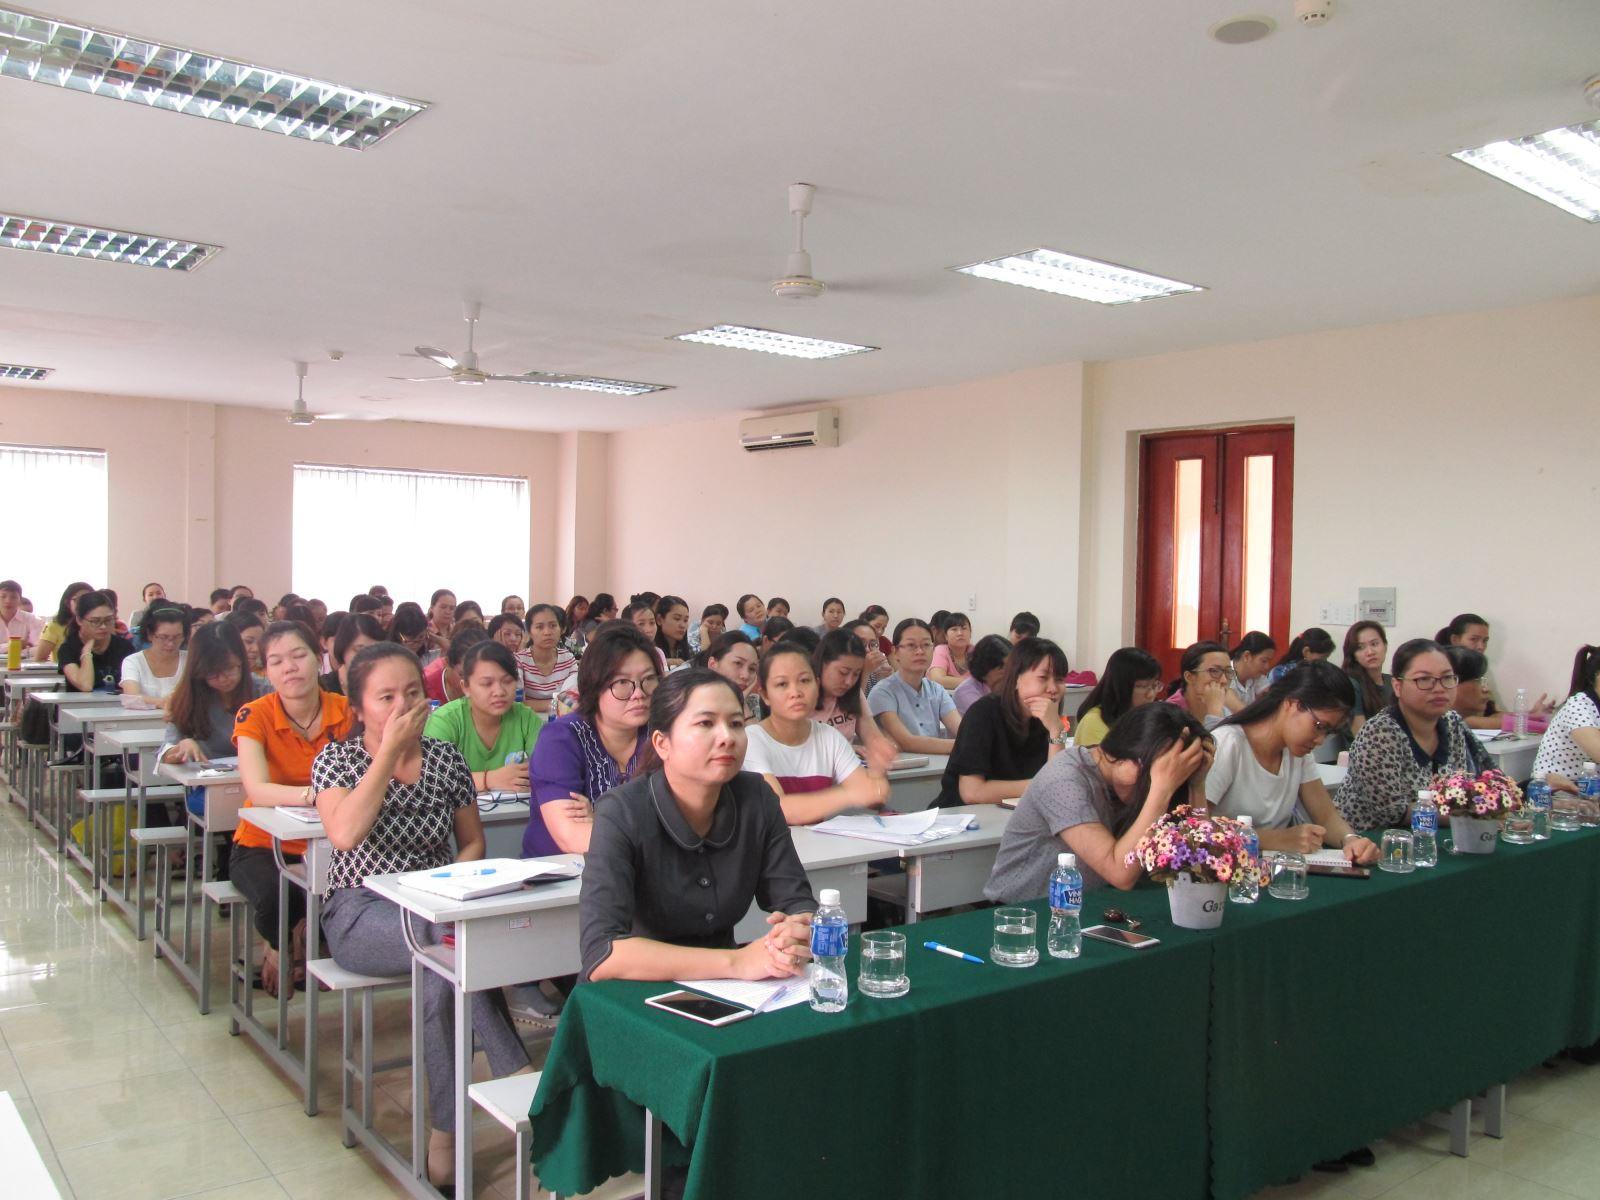 Khai giảng lớp bồi dưỡng nghiệp vụ công tác phụ nữ hệ sơ cấp năm 2017